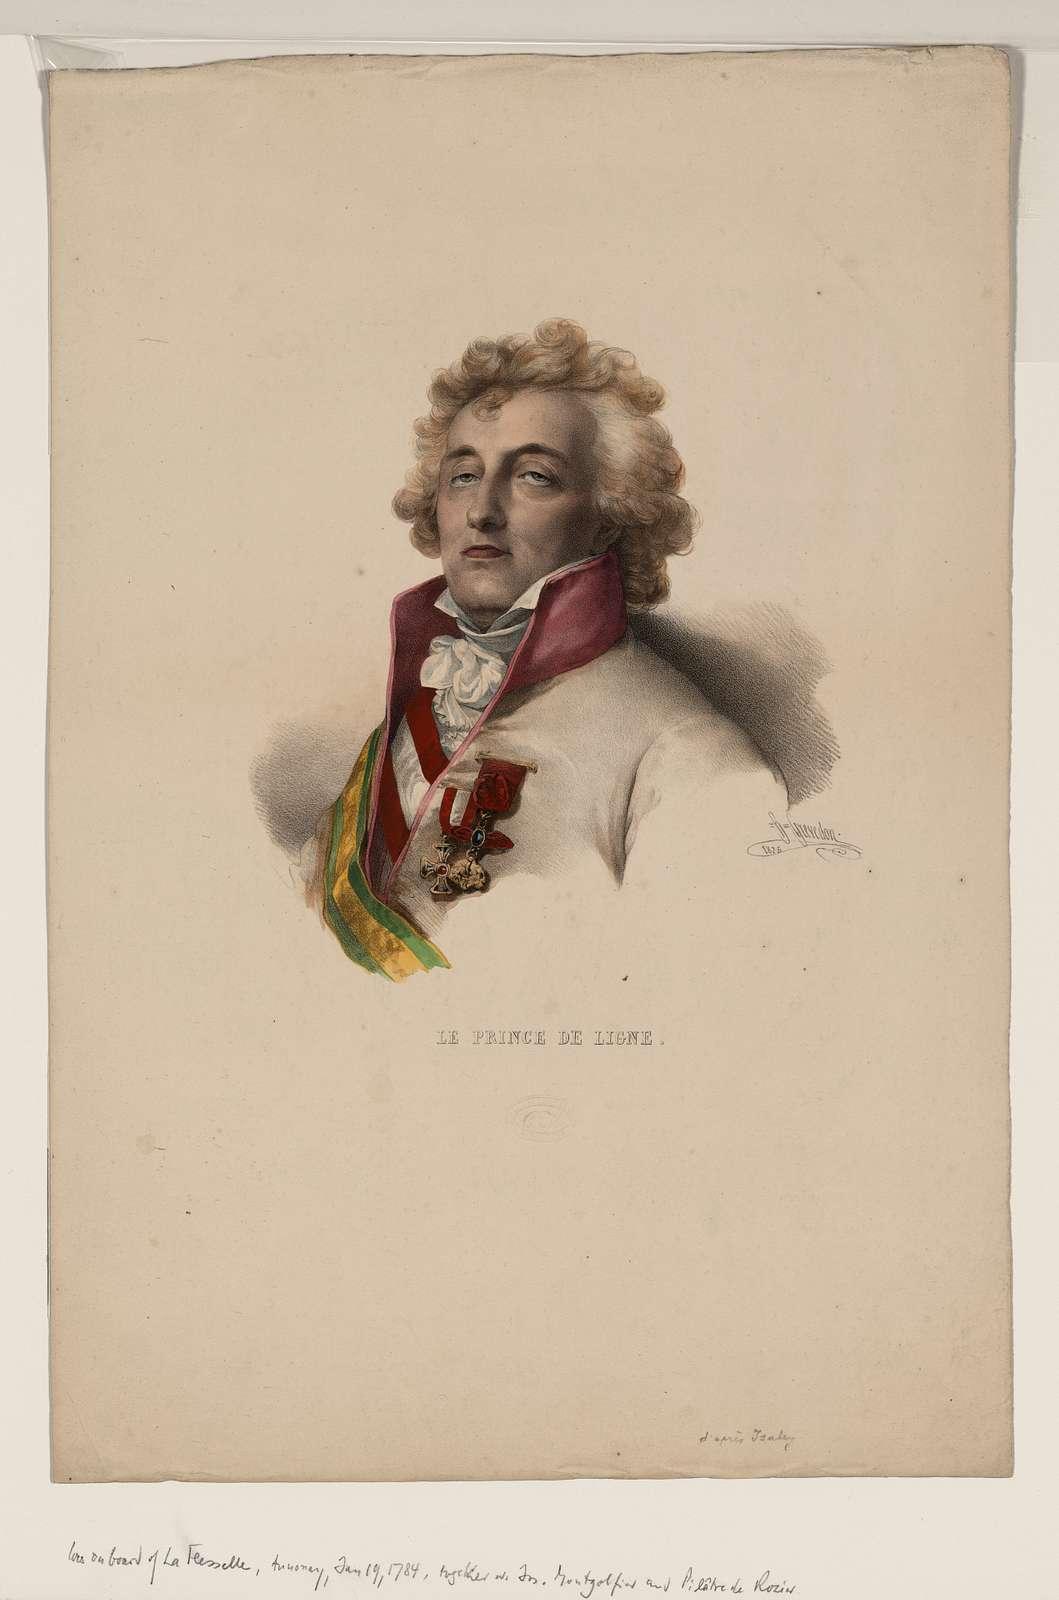 Le prince de Ligne / H. Grevedon, 1825.